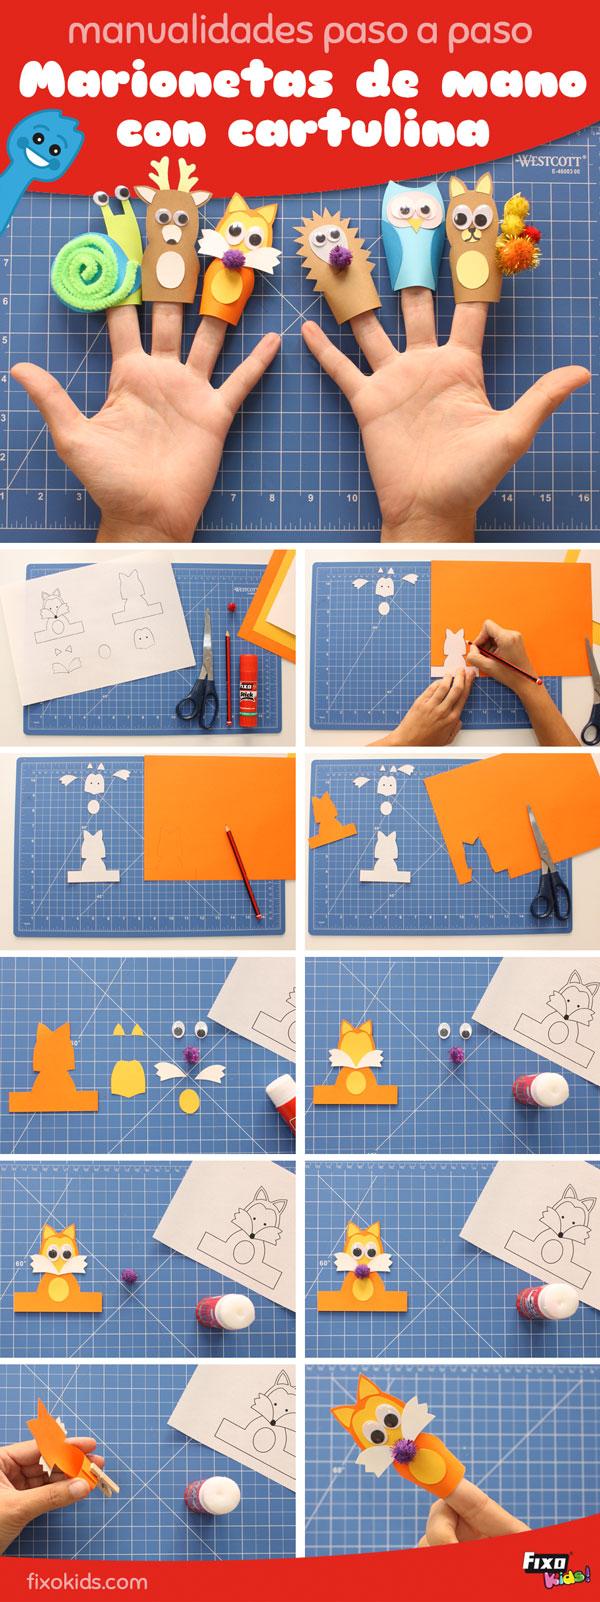 tutorial marionetas de mano